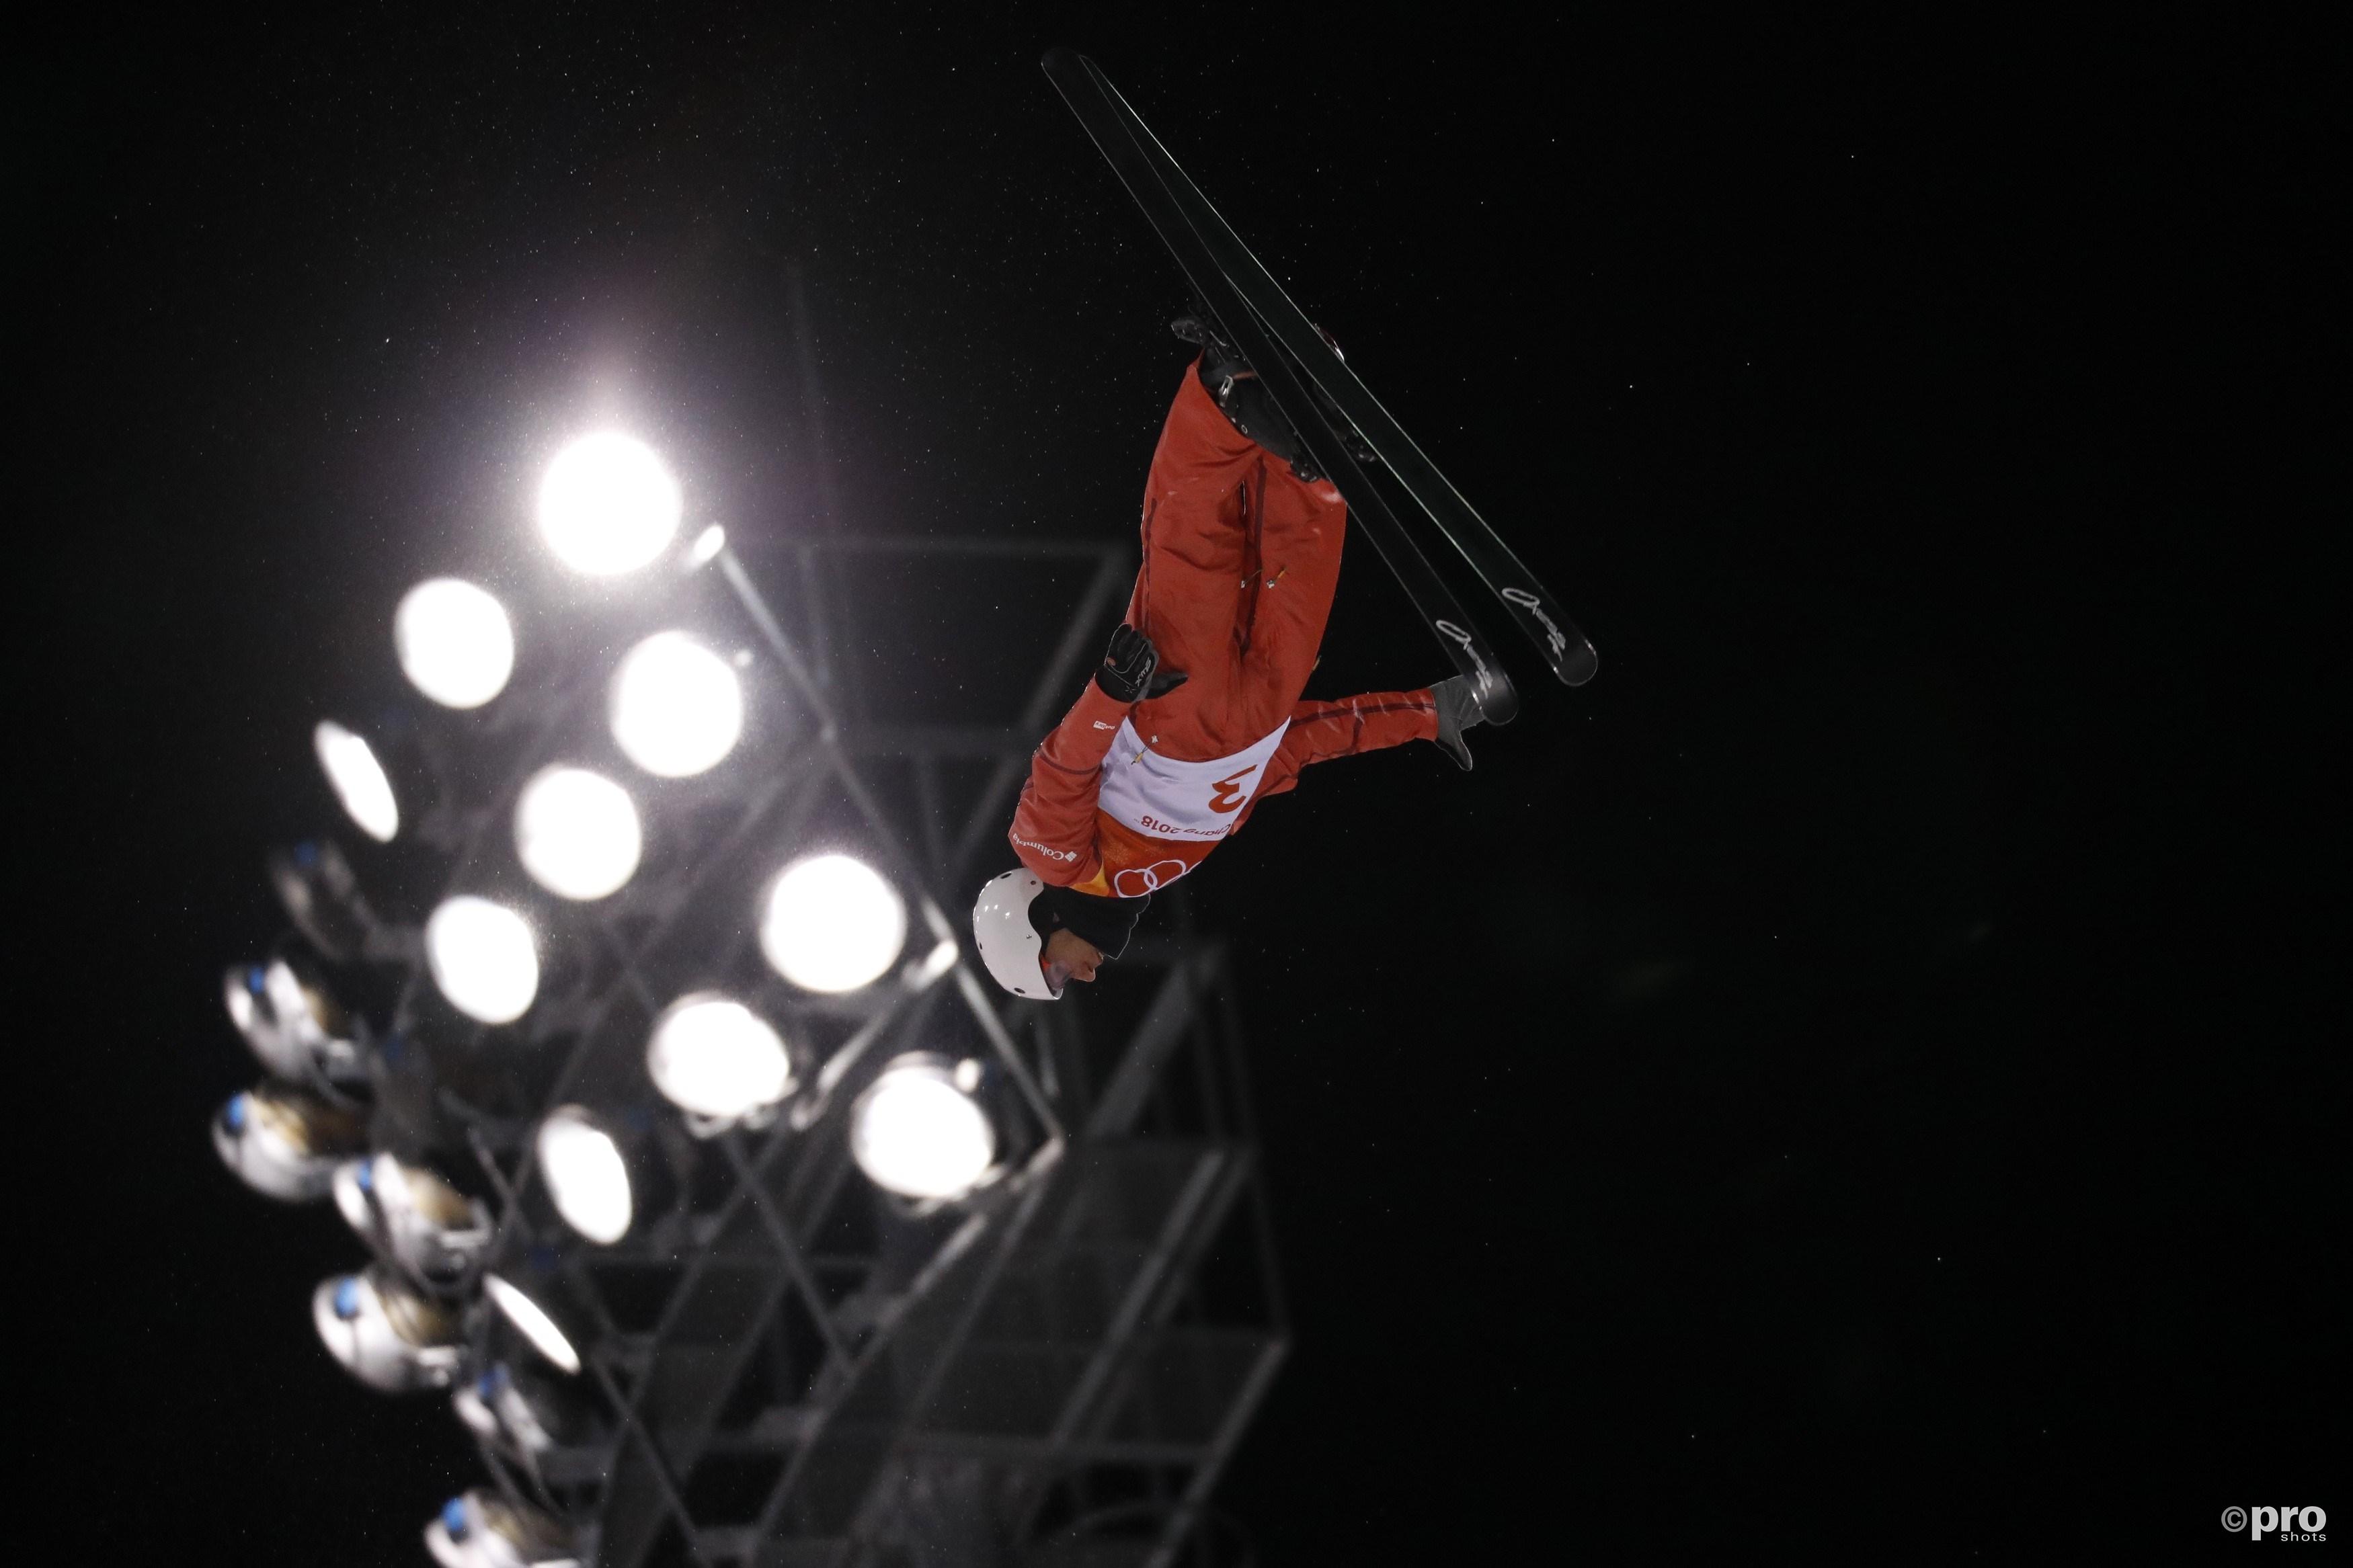 Kushnir vliegt door de lucht, maar haalt de finale niet (Pro Shots/Action Images)